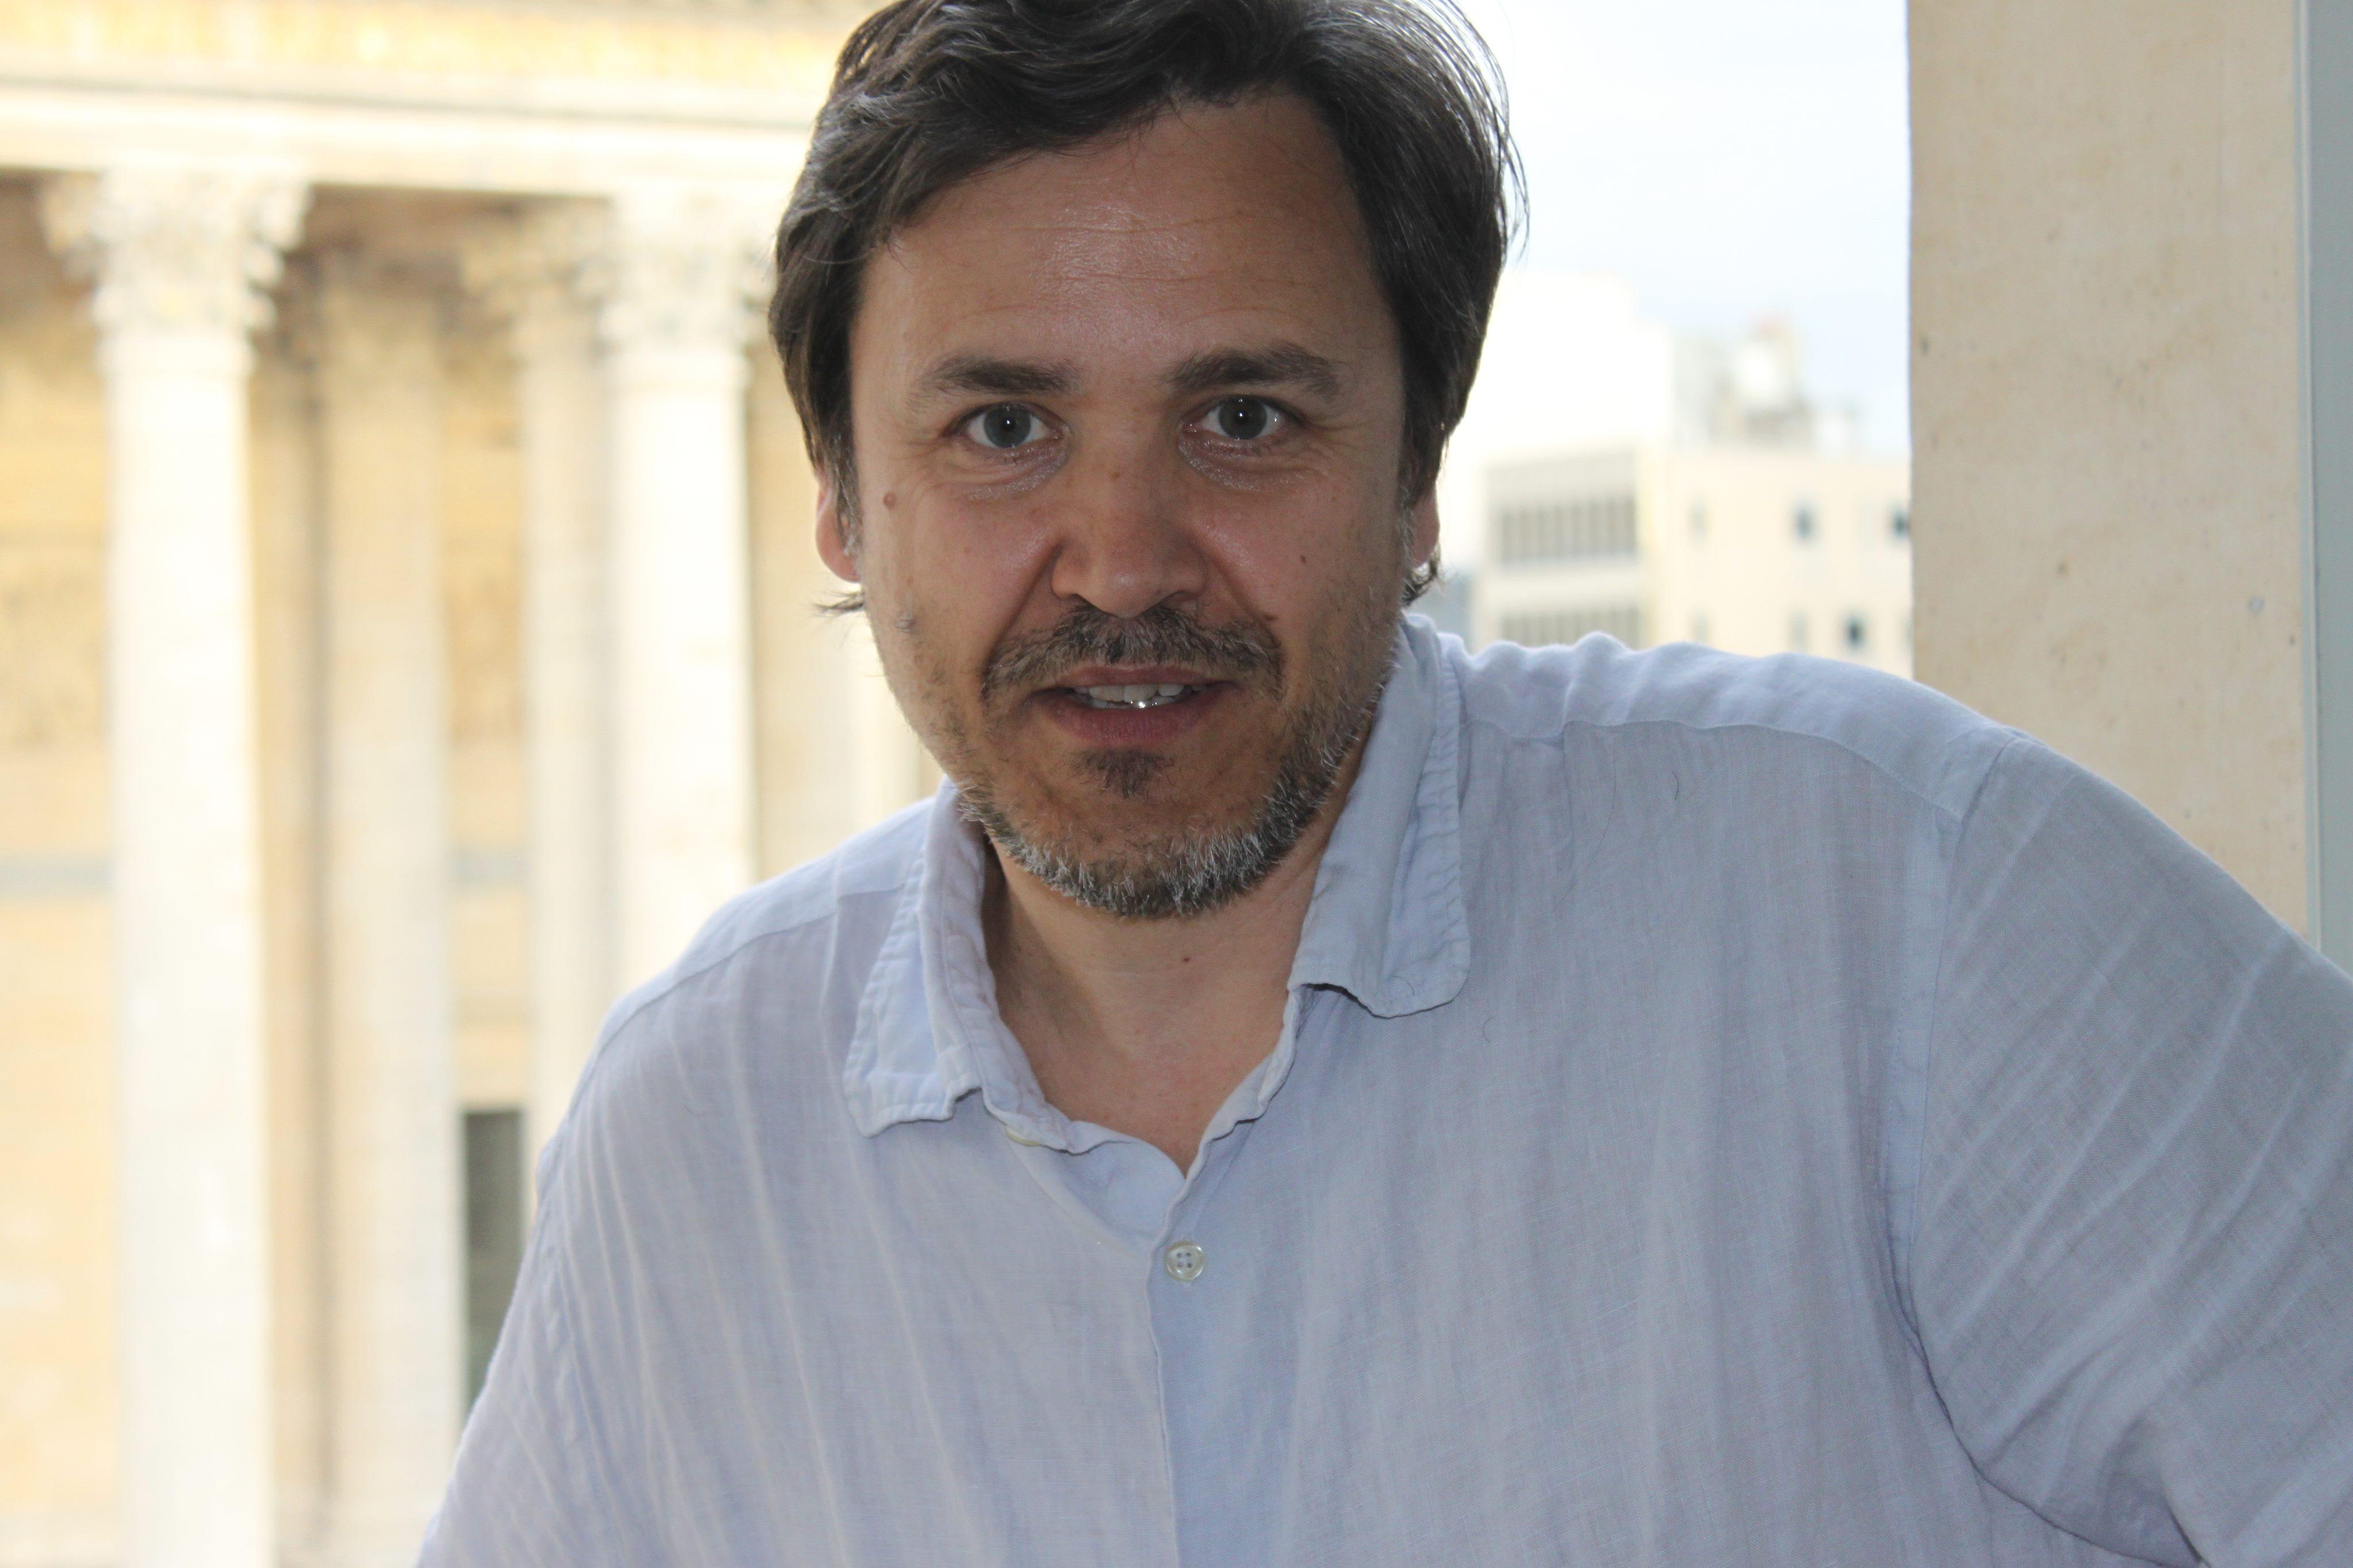 «Les socialistes en sont venus à s'accommoder du libéralisme par petites touches» – Entretien avec Frédéric Sawicki